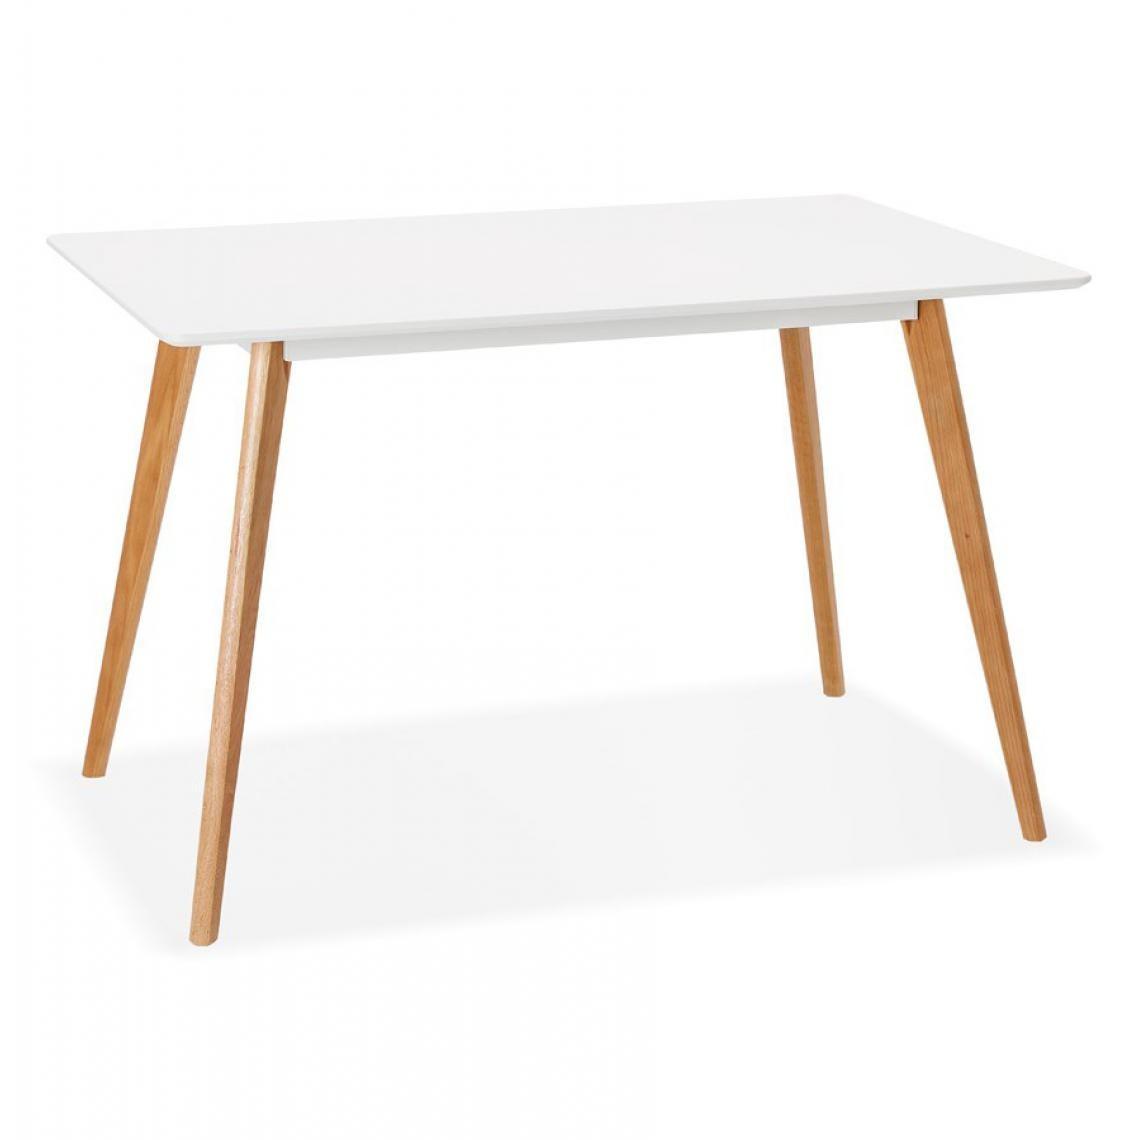 Table À Manger Nordique table à manger scandinave bois blanc cladie plus de détails